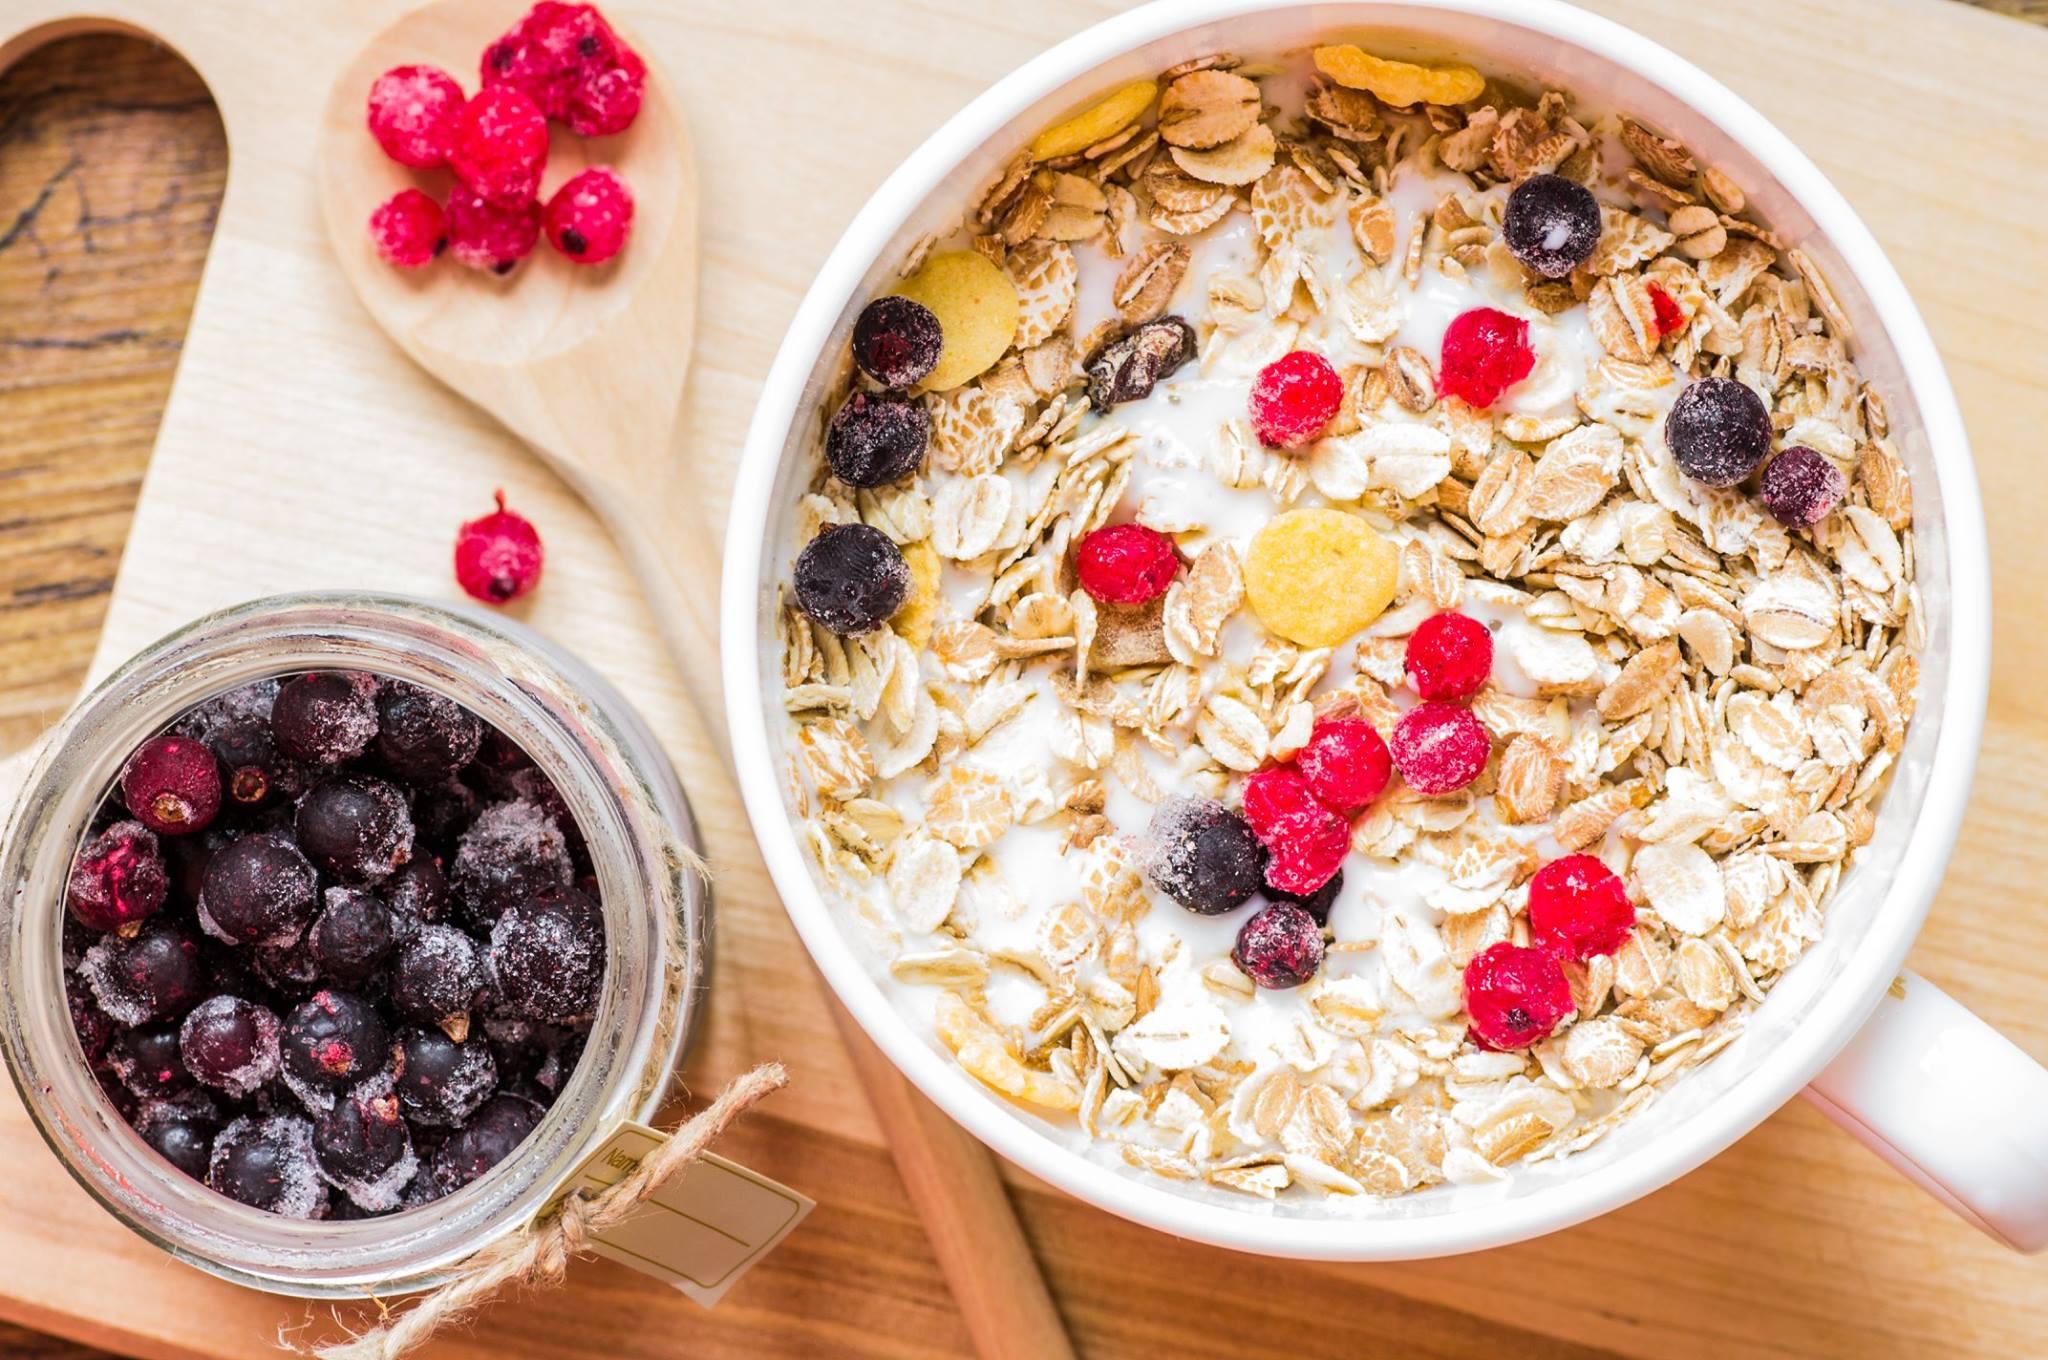 Středa má být sladká: Vybíráme pro vás zdravé recepty